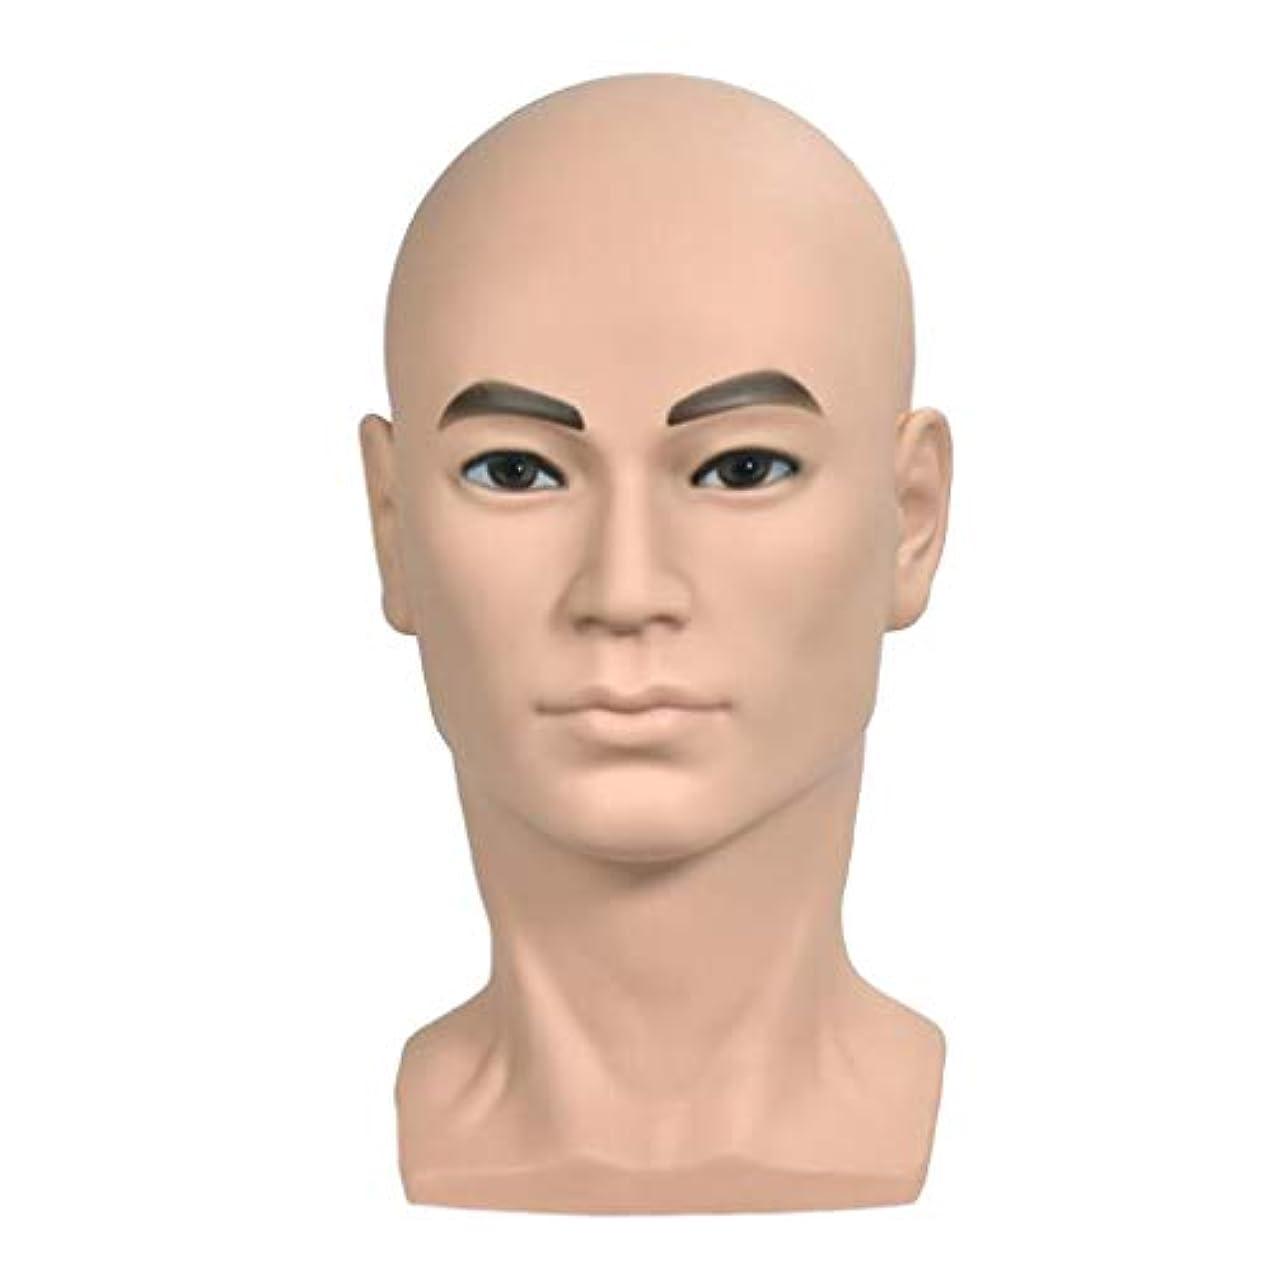 トライアスロンオープナー質量マネキンヘッド 男性 ヘッドモデル ウィッグ 帽子 ディスプレイ ホルダー 美容院 家